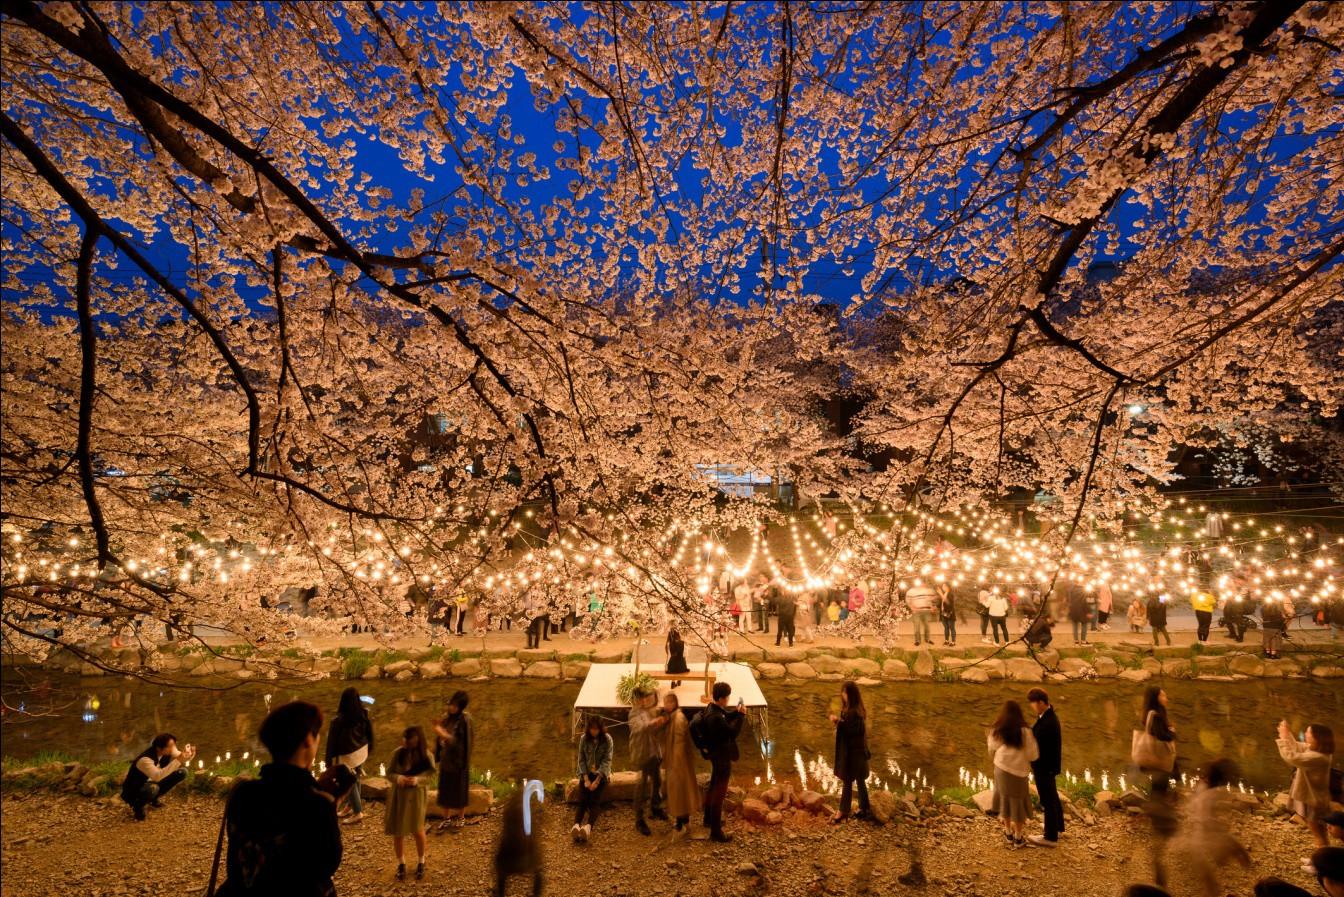 Đến Hàn Quốc vào tháng 3, tháng 4 để được đắm chìm trong thế giới lãng mạn của hoa anh đào - Ảnh 4.